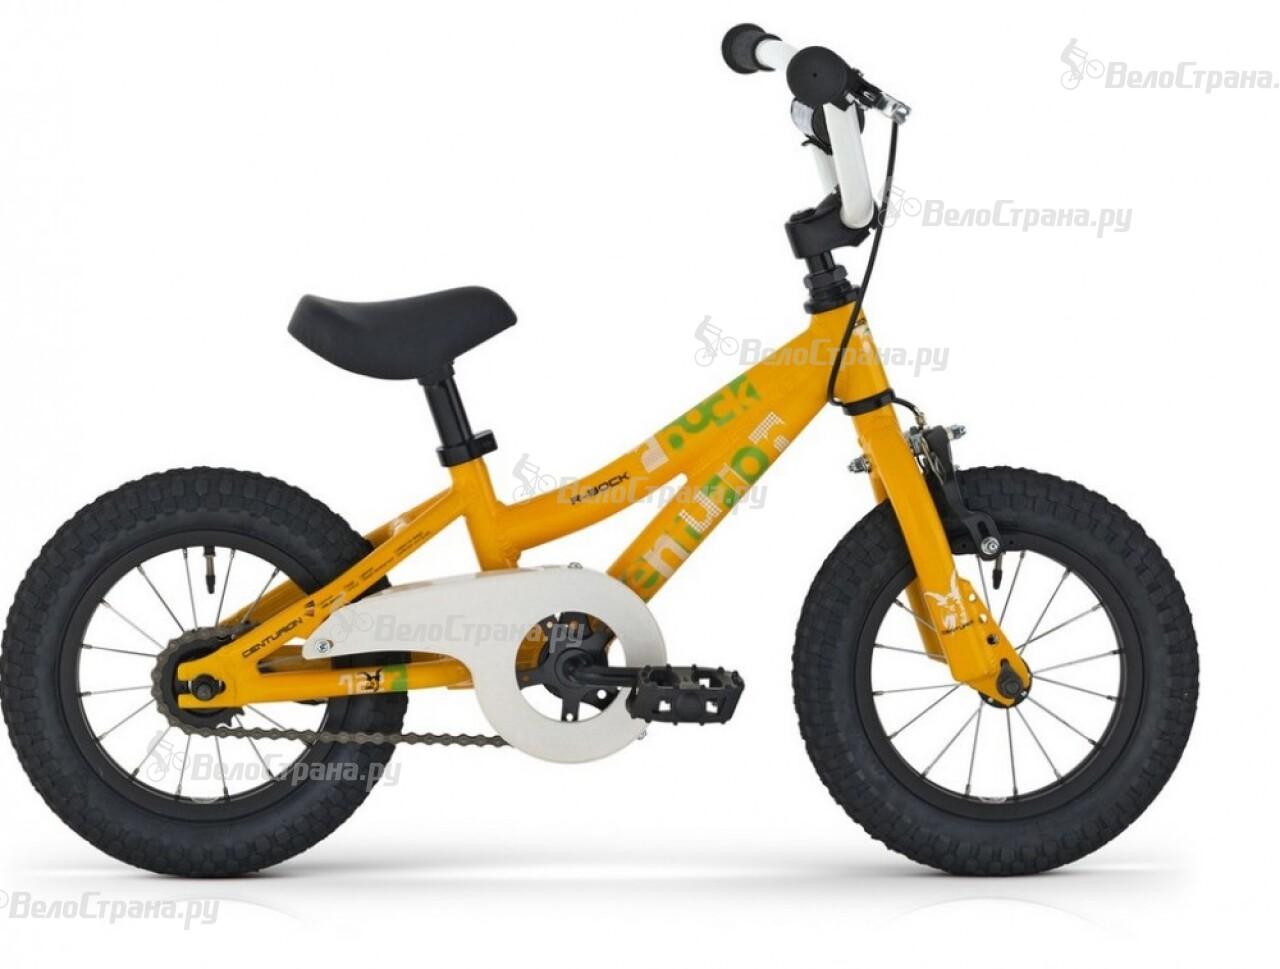 Велосипед Centurion R'Bock 12 (2013) велосипед centurion e co 408 coaster 2017